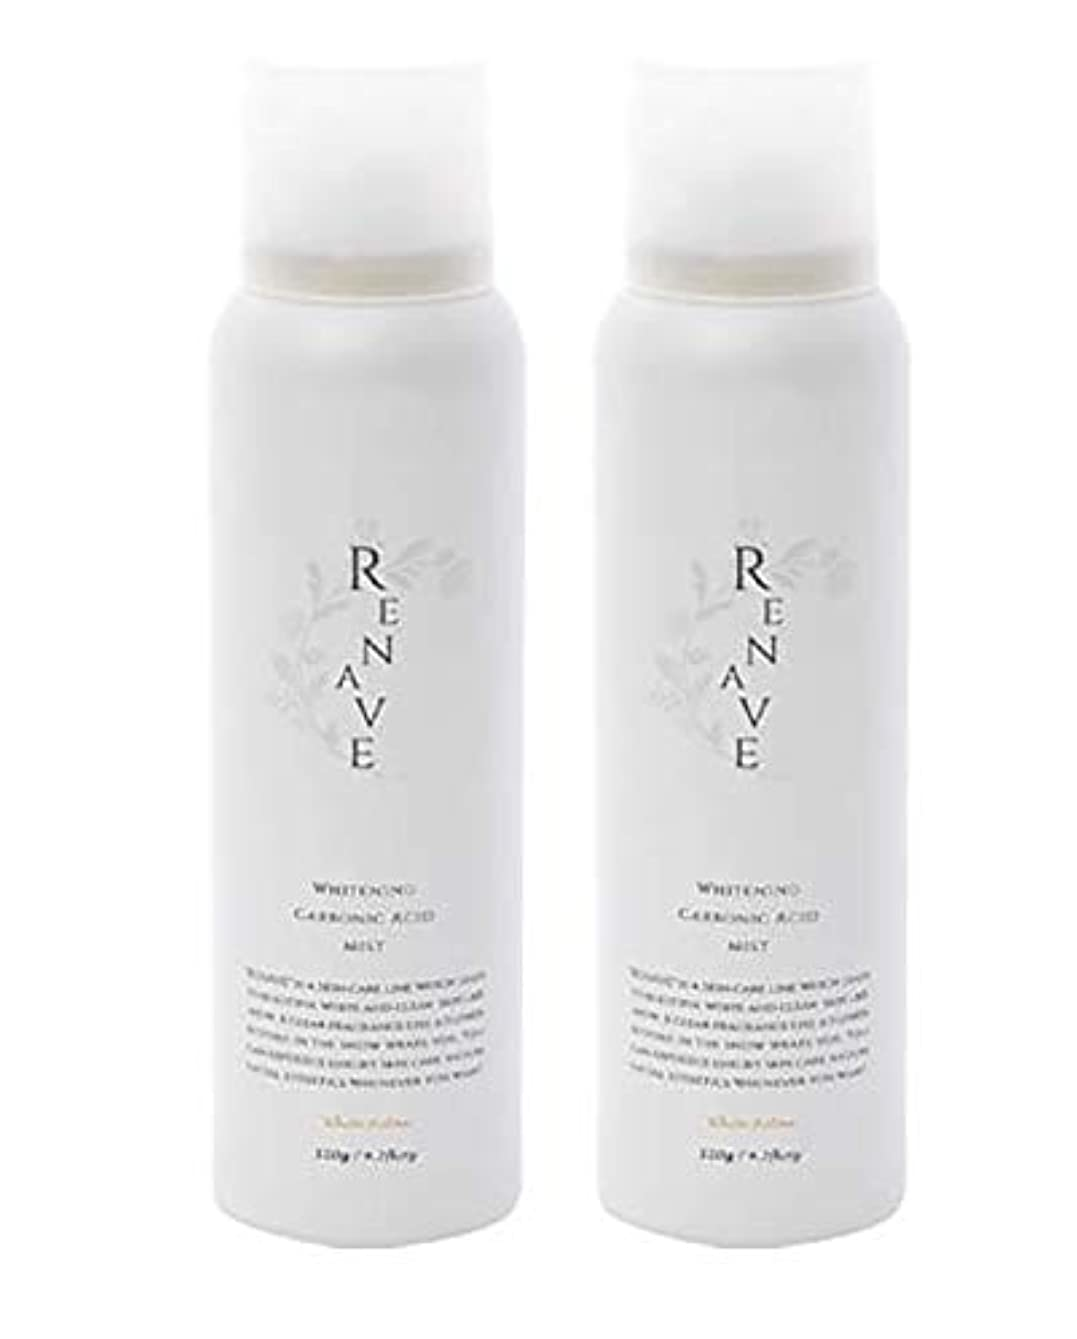 リネンブラウザパリティRENAVE(リネーヴェ) 高濃度炭酸ミスト 薬用美白化粧水 120ml 2本セット